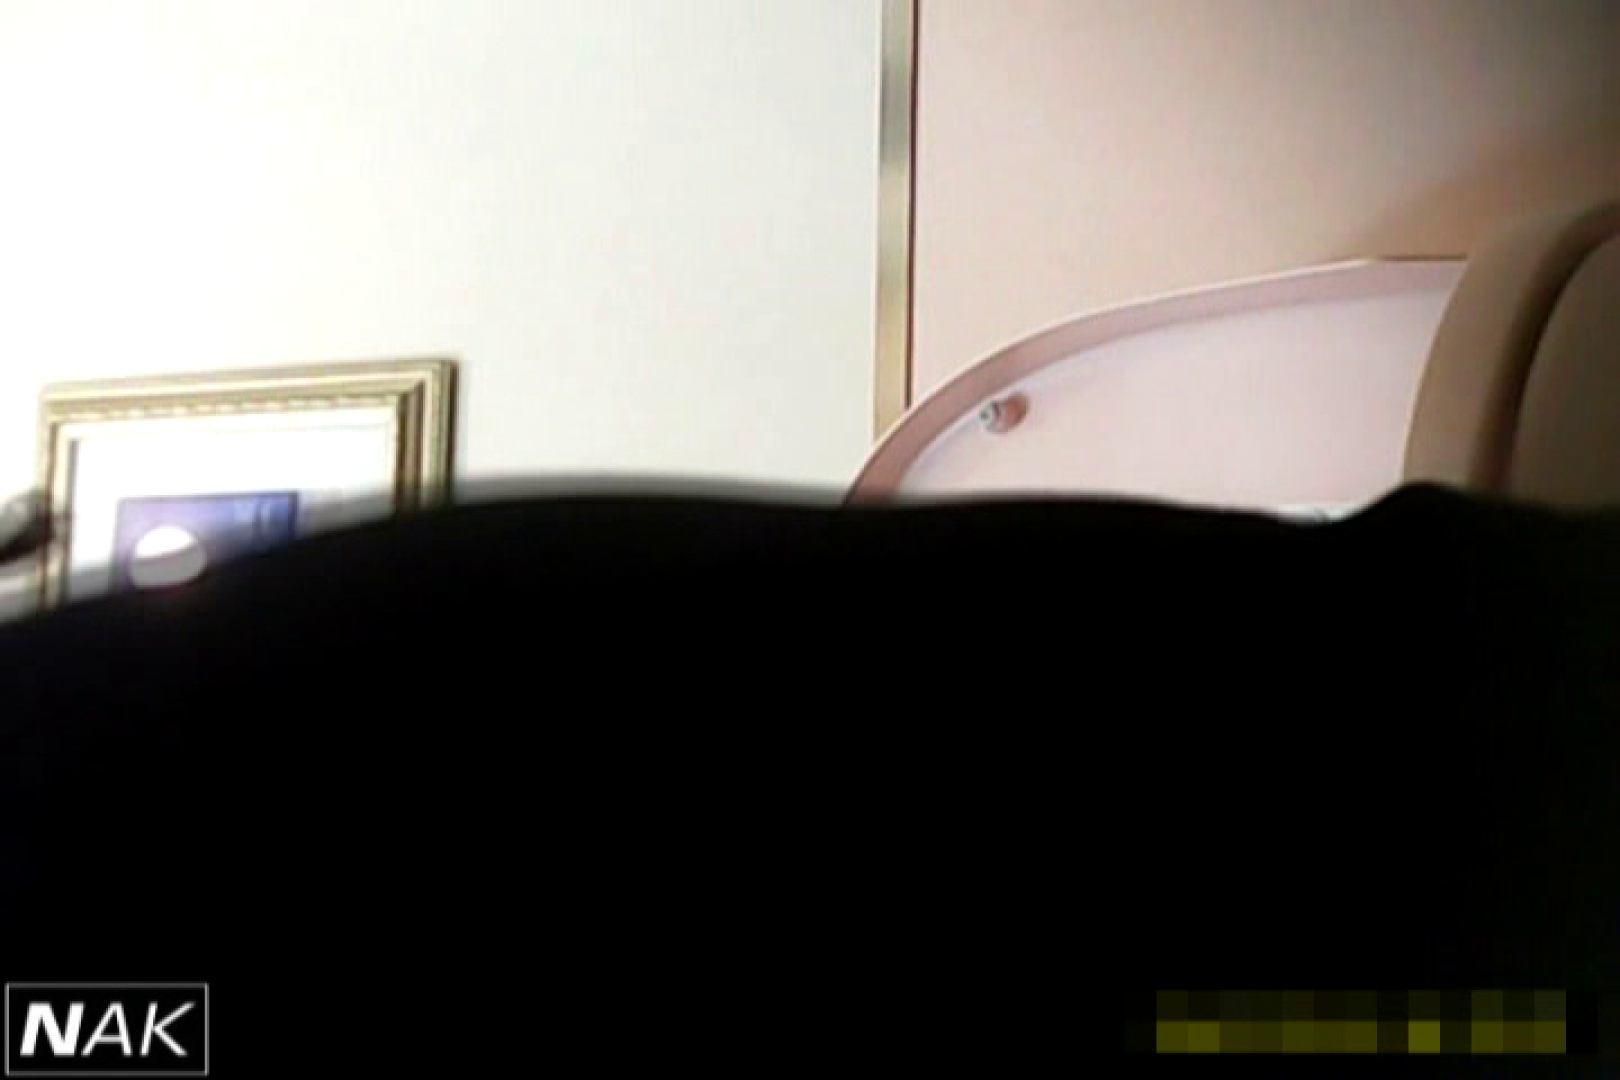 超高画質5000K!脅威の1点集中かわや! vol.02 モロだしオマンコ 盗み撮り動画キャプチャ 92pic 52